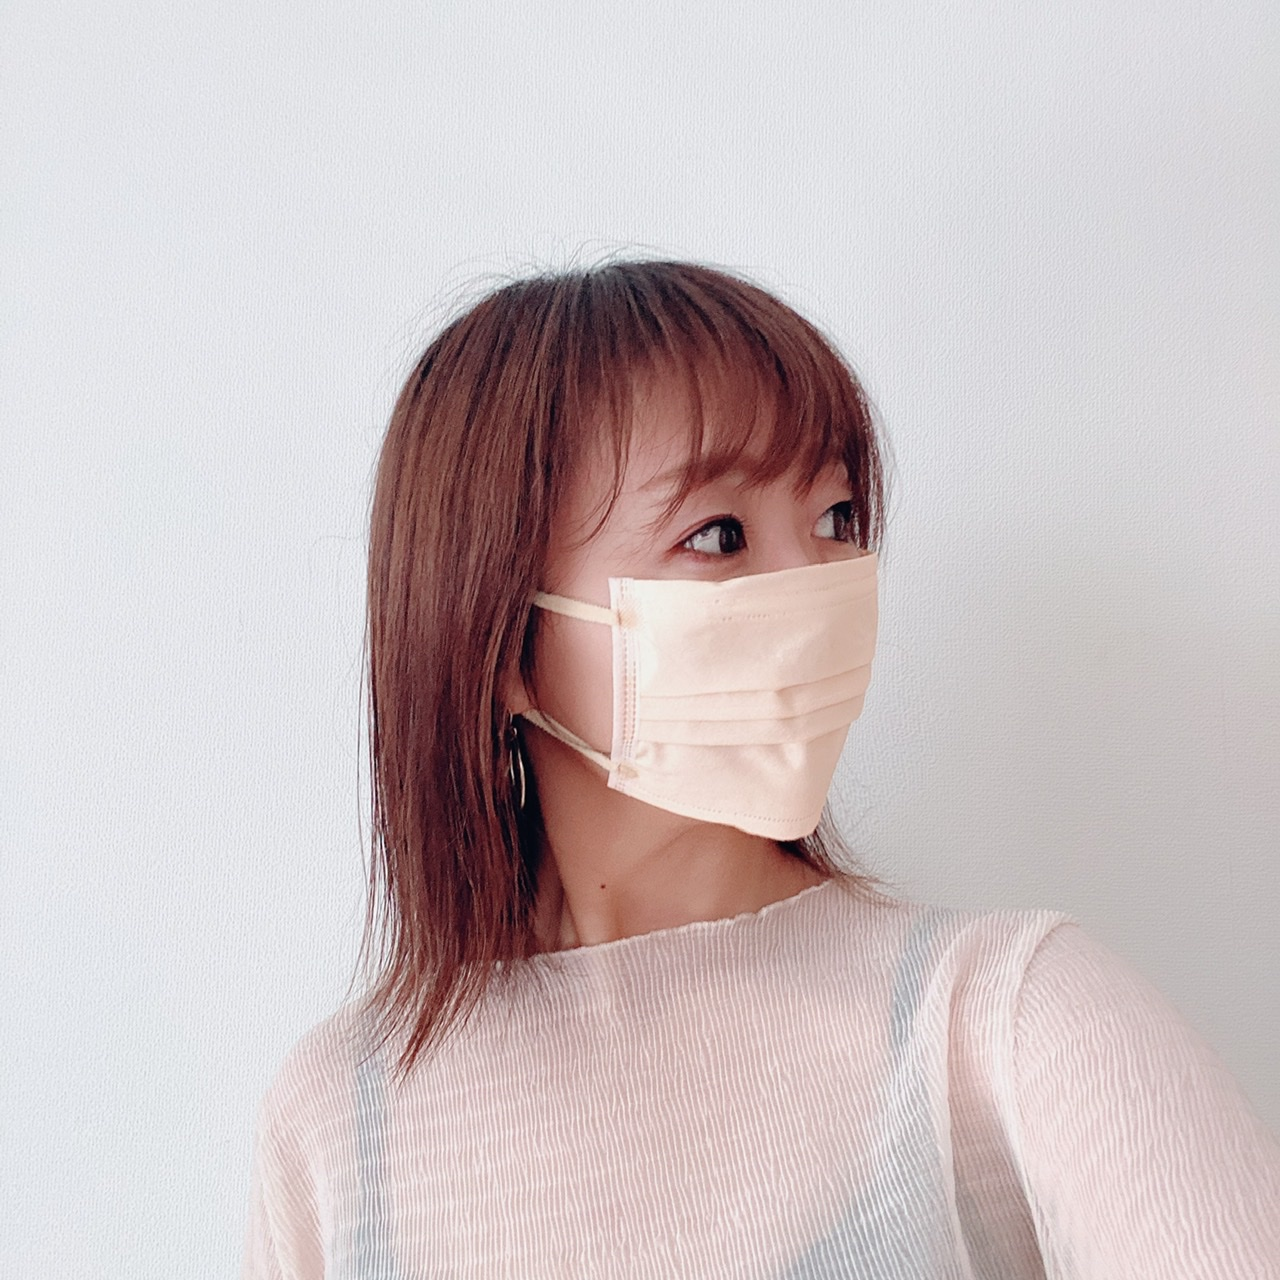 マスク着用写真